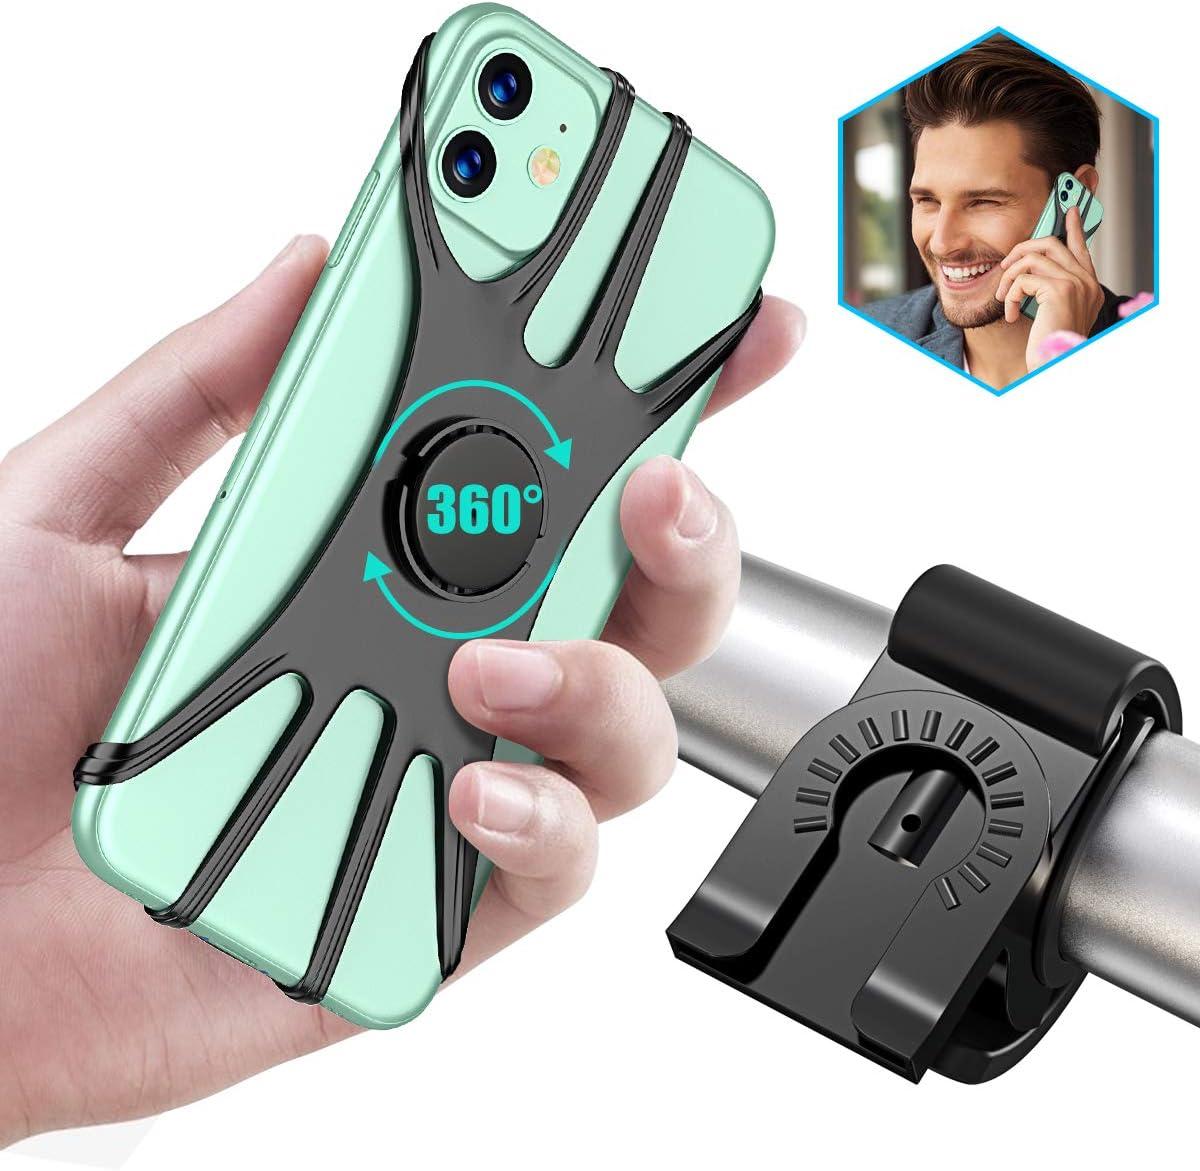 Cocoda Soporte Movil Bici Desmontable, 360°Rotación Soporte Móvil Moto, Ajustable Soporte Teléfono Manillar Compatible con iPhone 12/12 Pro/12 Mini/iPhone 11 Pro Max/11 Pro/11, Samsung(4.0